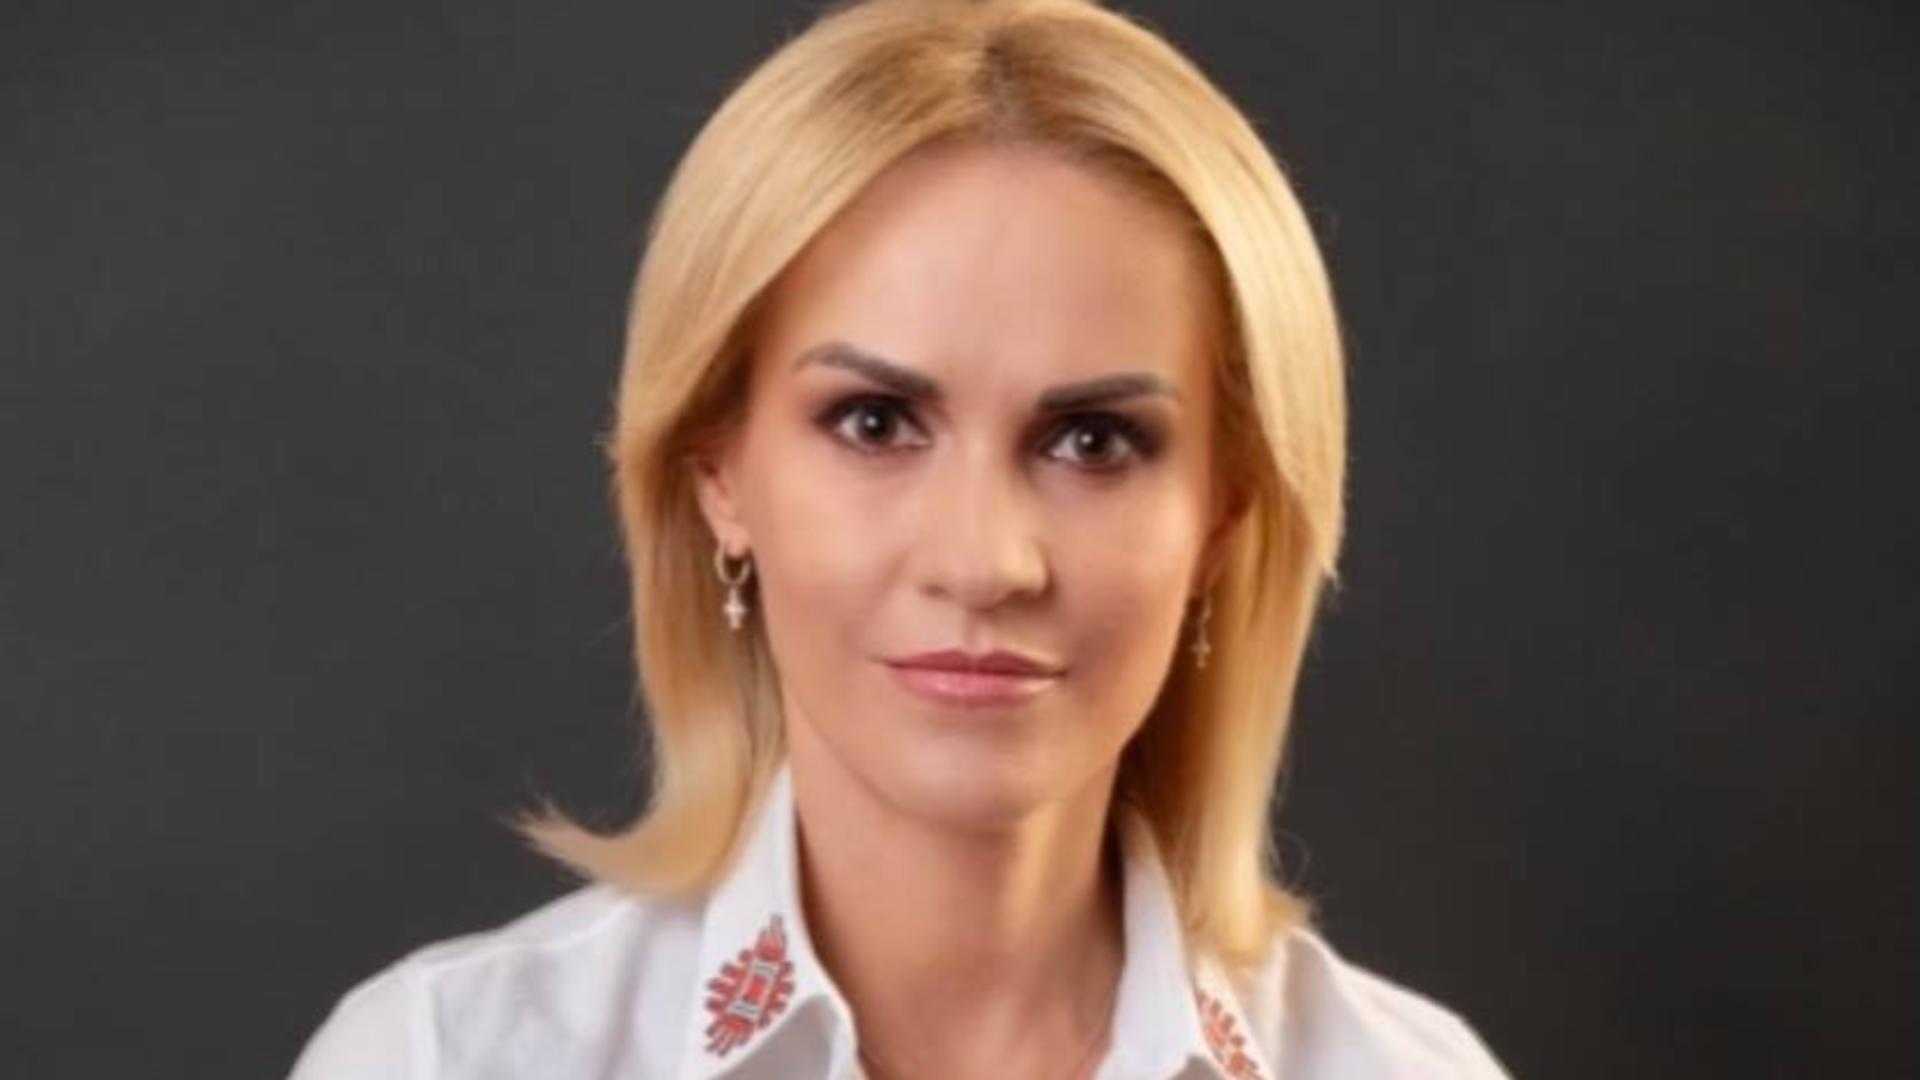 Gabriela Firea, prim-vicepreședinte PSD / Foto: Facebook